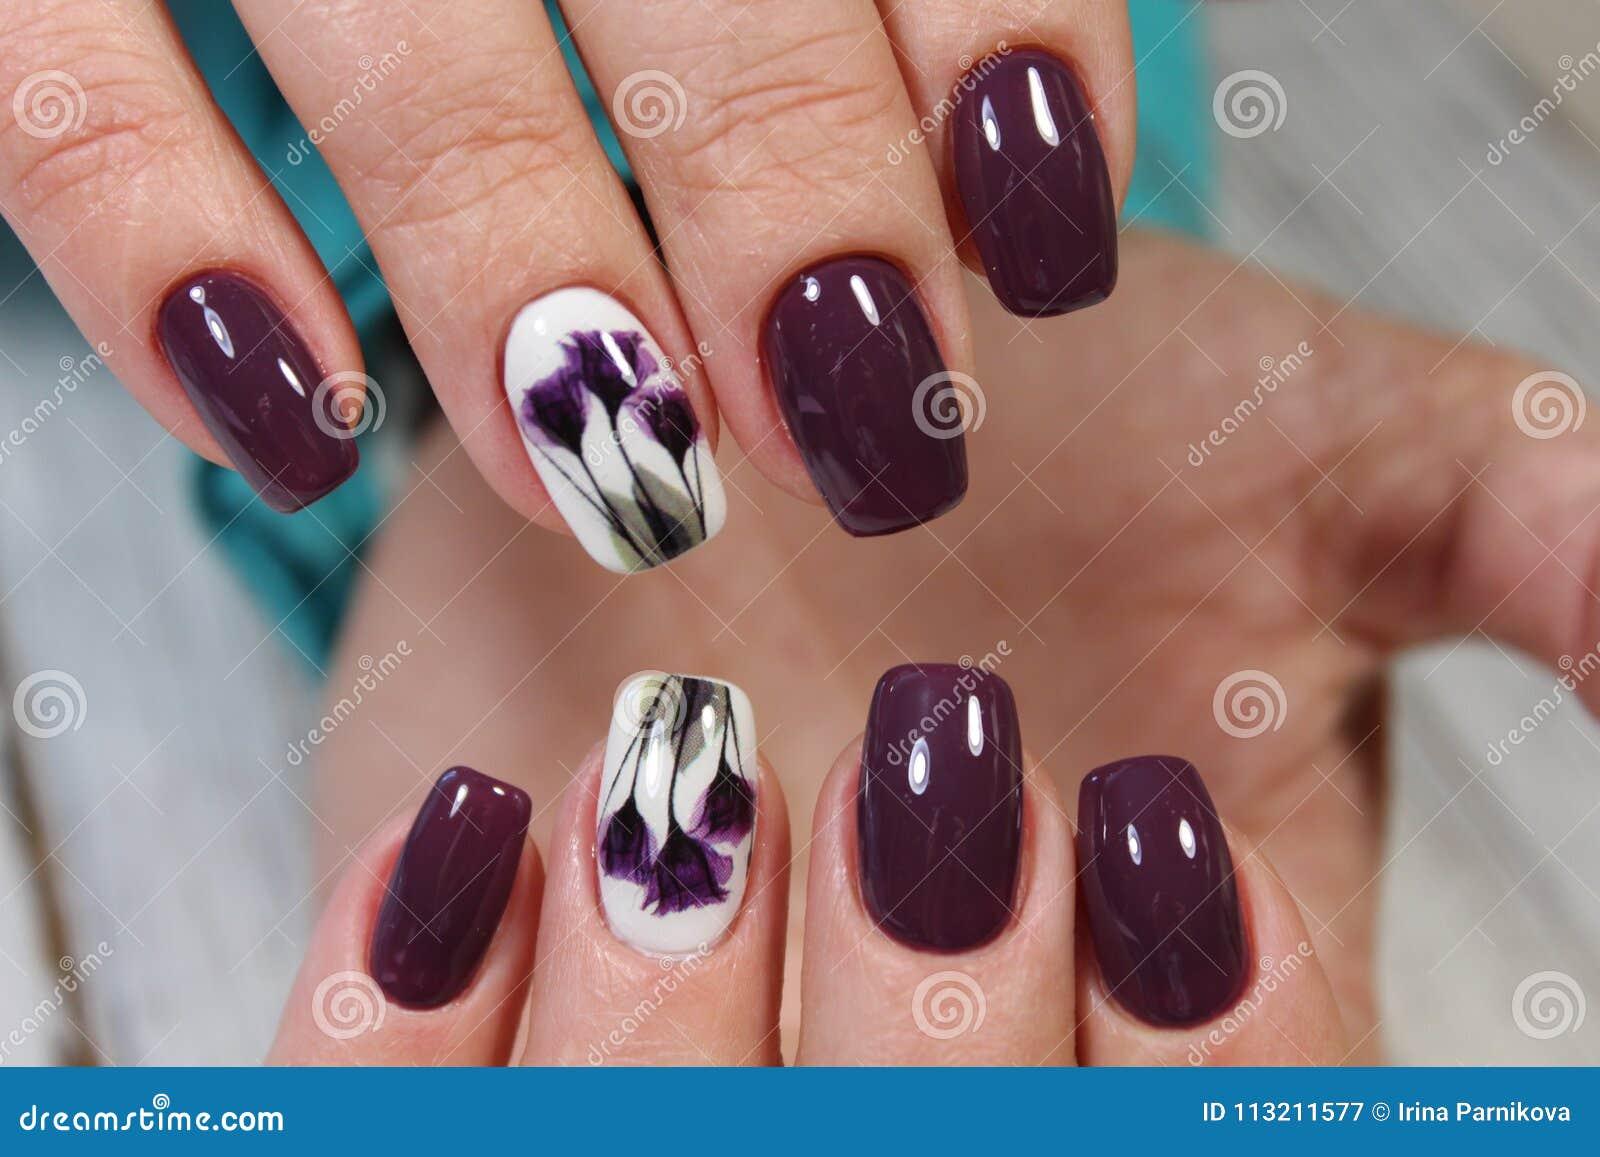 Beautiful long nails stock image. Image of nails, lips - 113211577